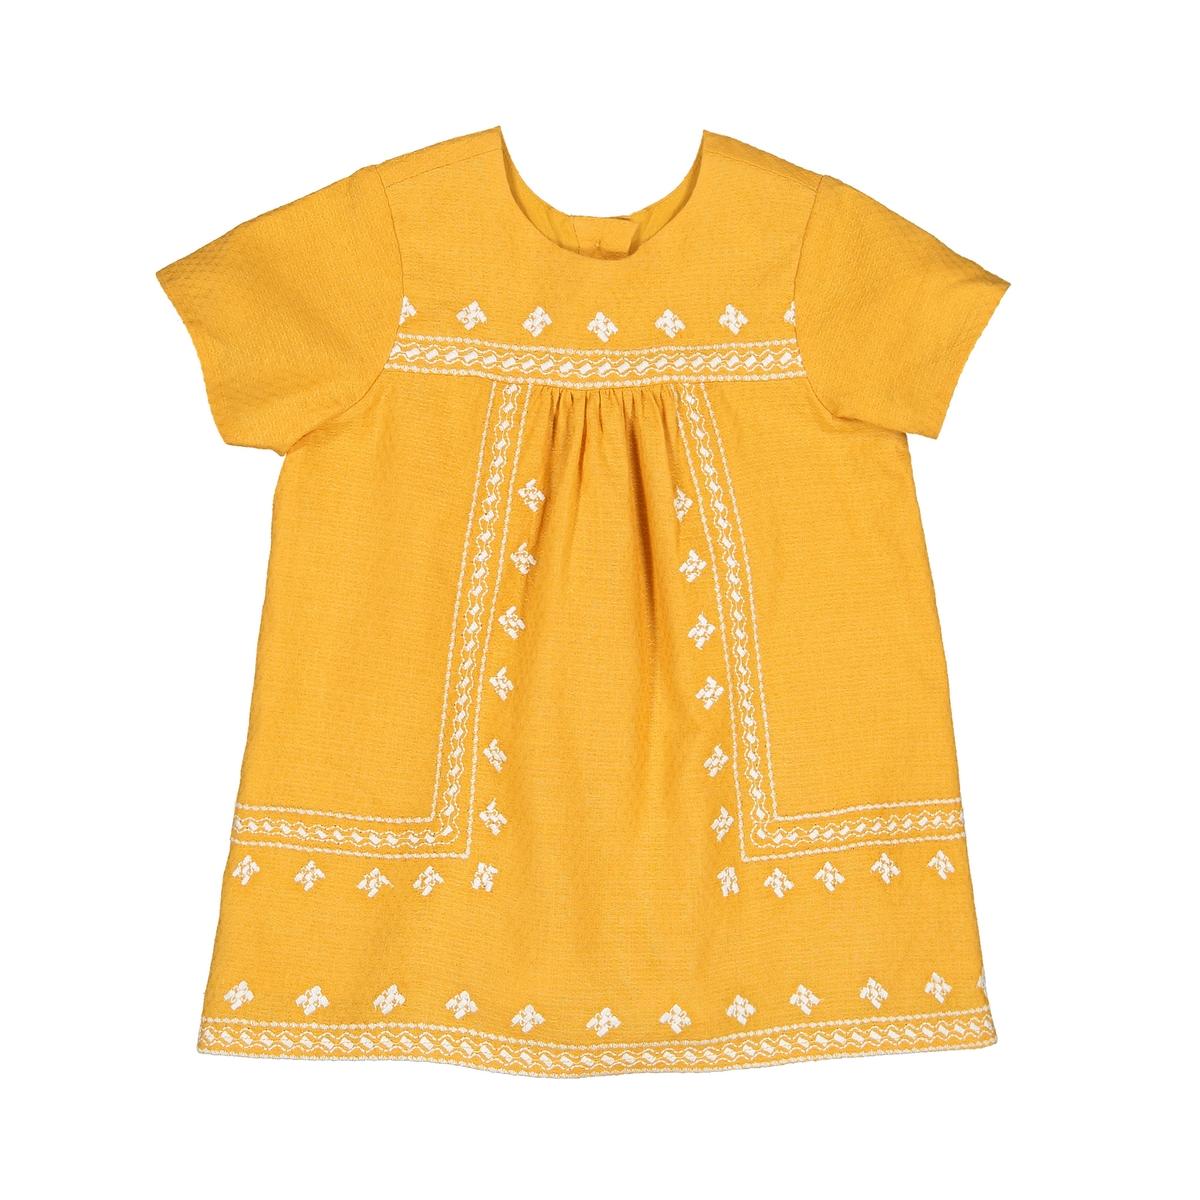 Платье La Redoute С вышивкой и короткими рукавами мес - года 1 мес. - 54 см желтый шорты с вышивкой 1 мес 3 года